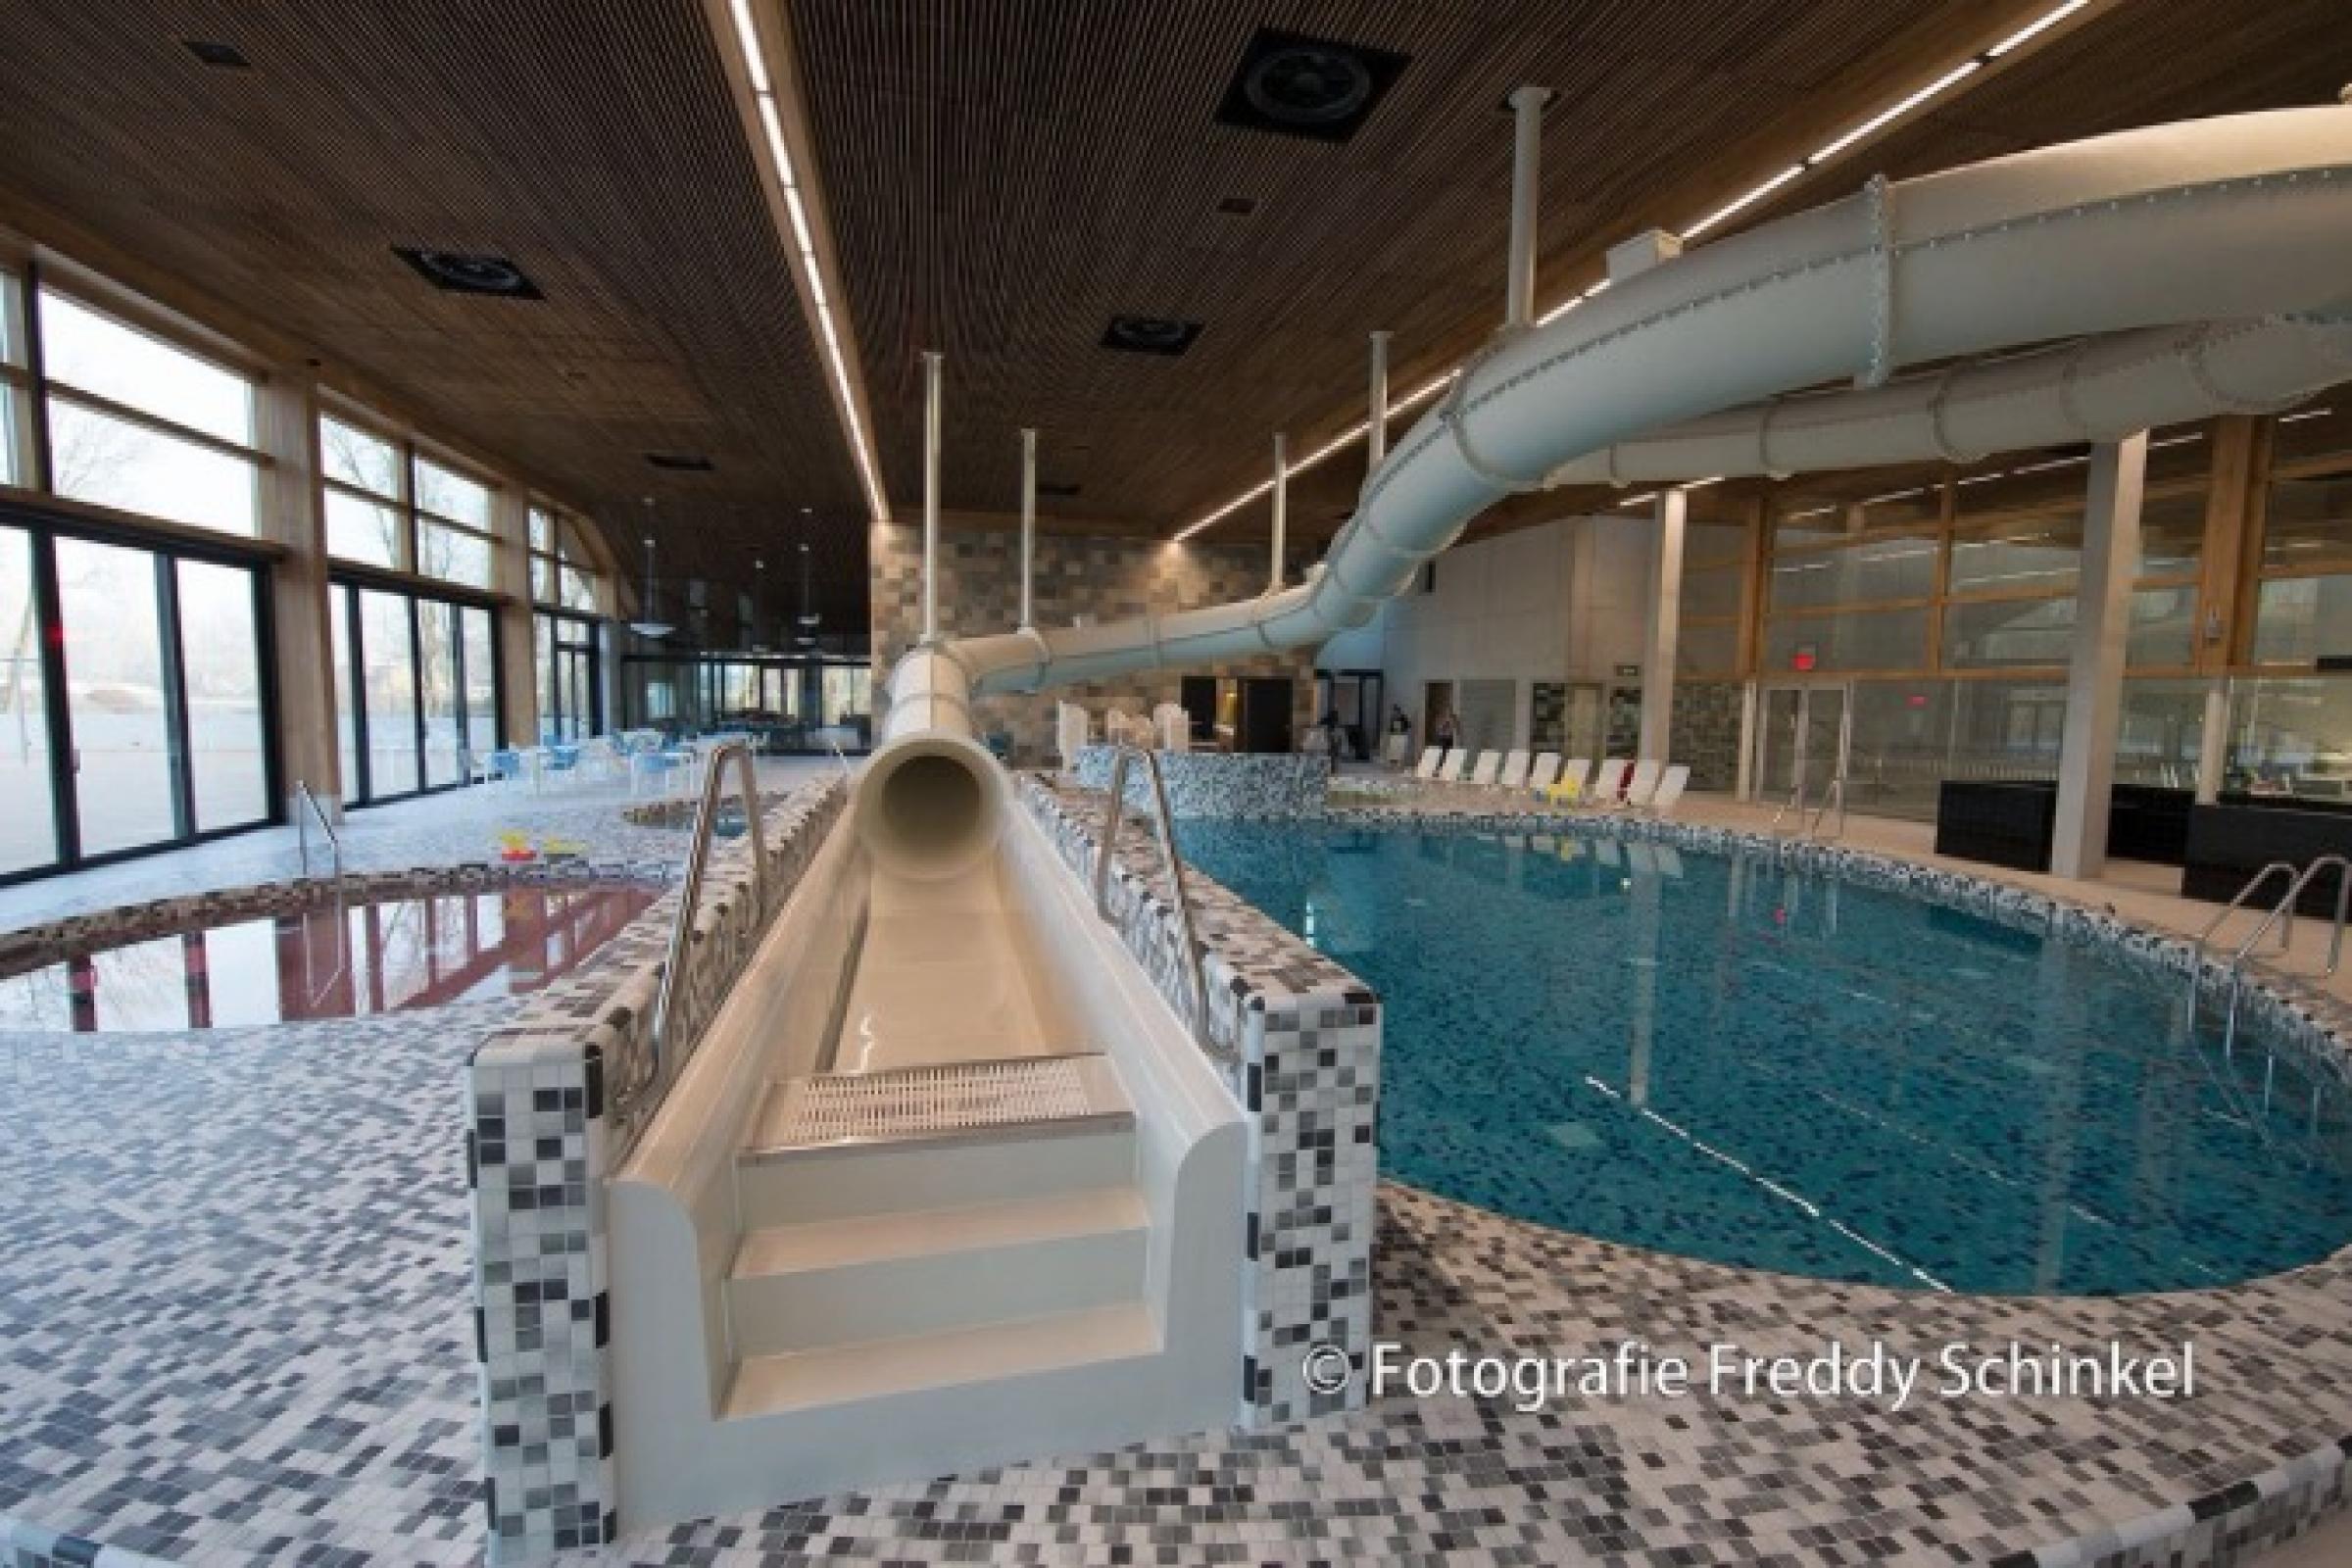 zwembad de steur kampen eeuwenoude hanzestad aan de ijssel